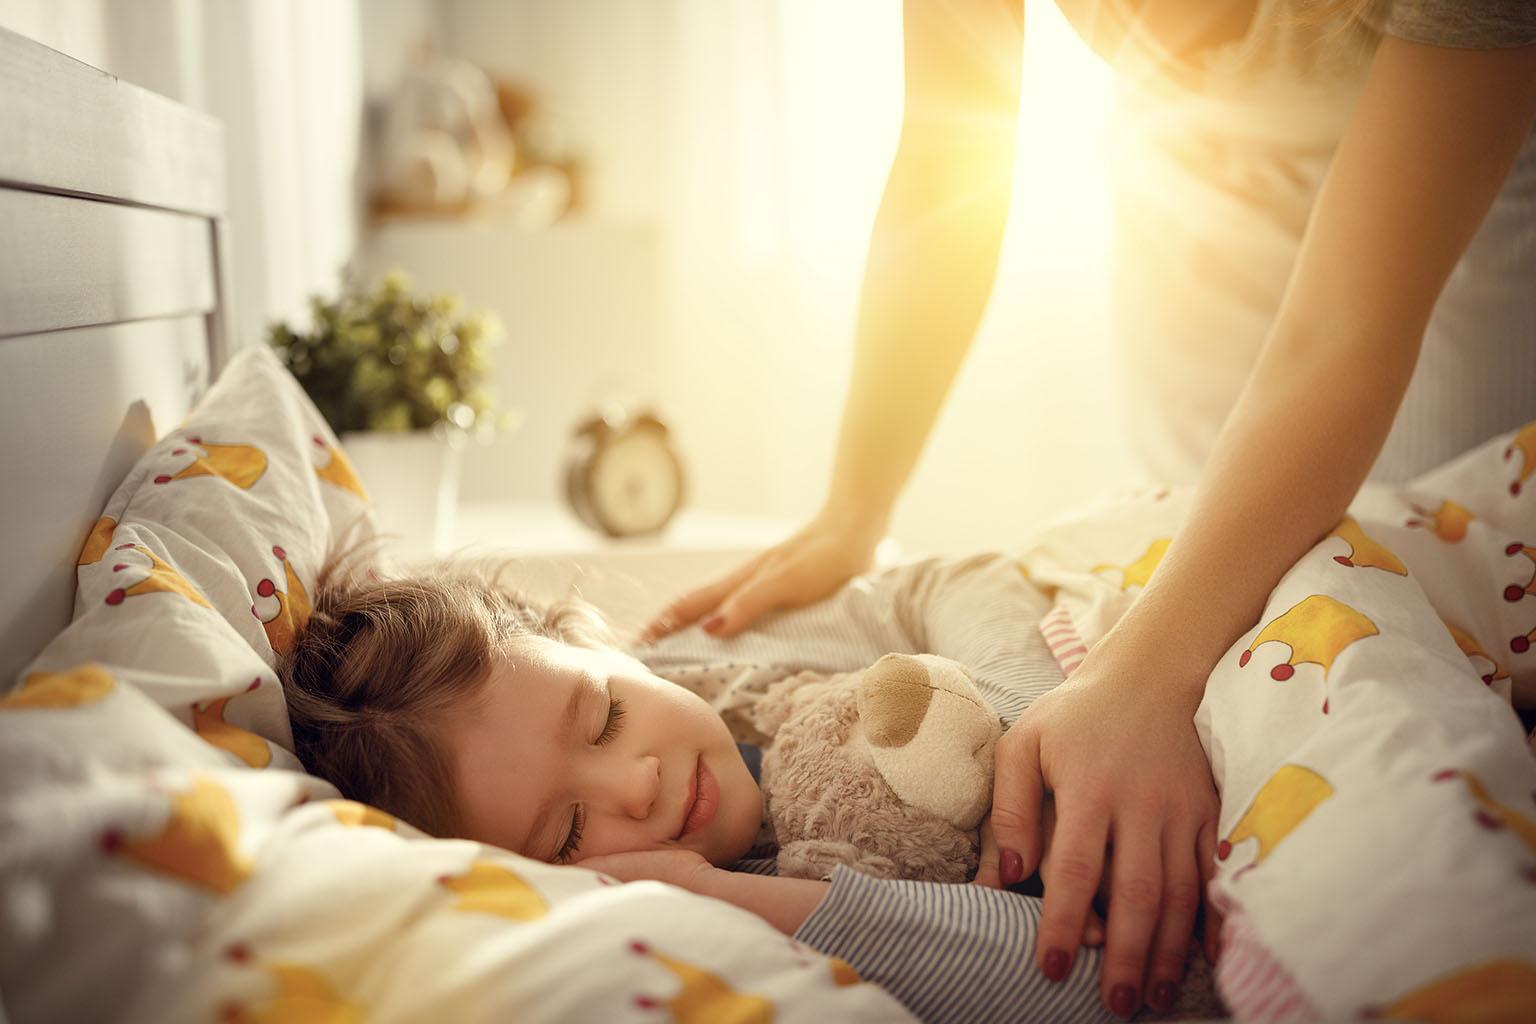 Jak nauczyć dziecko spania we własnym łóżku? Mama przykrywa kołdrą córeczkę śpiącą we własnym łóżeczku w pokoju dziecięcym.